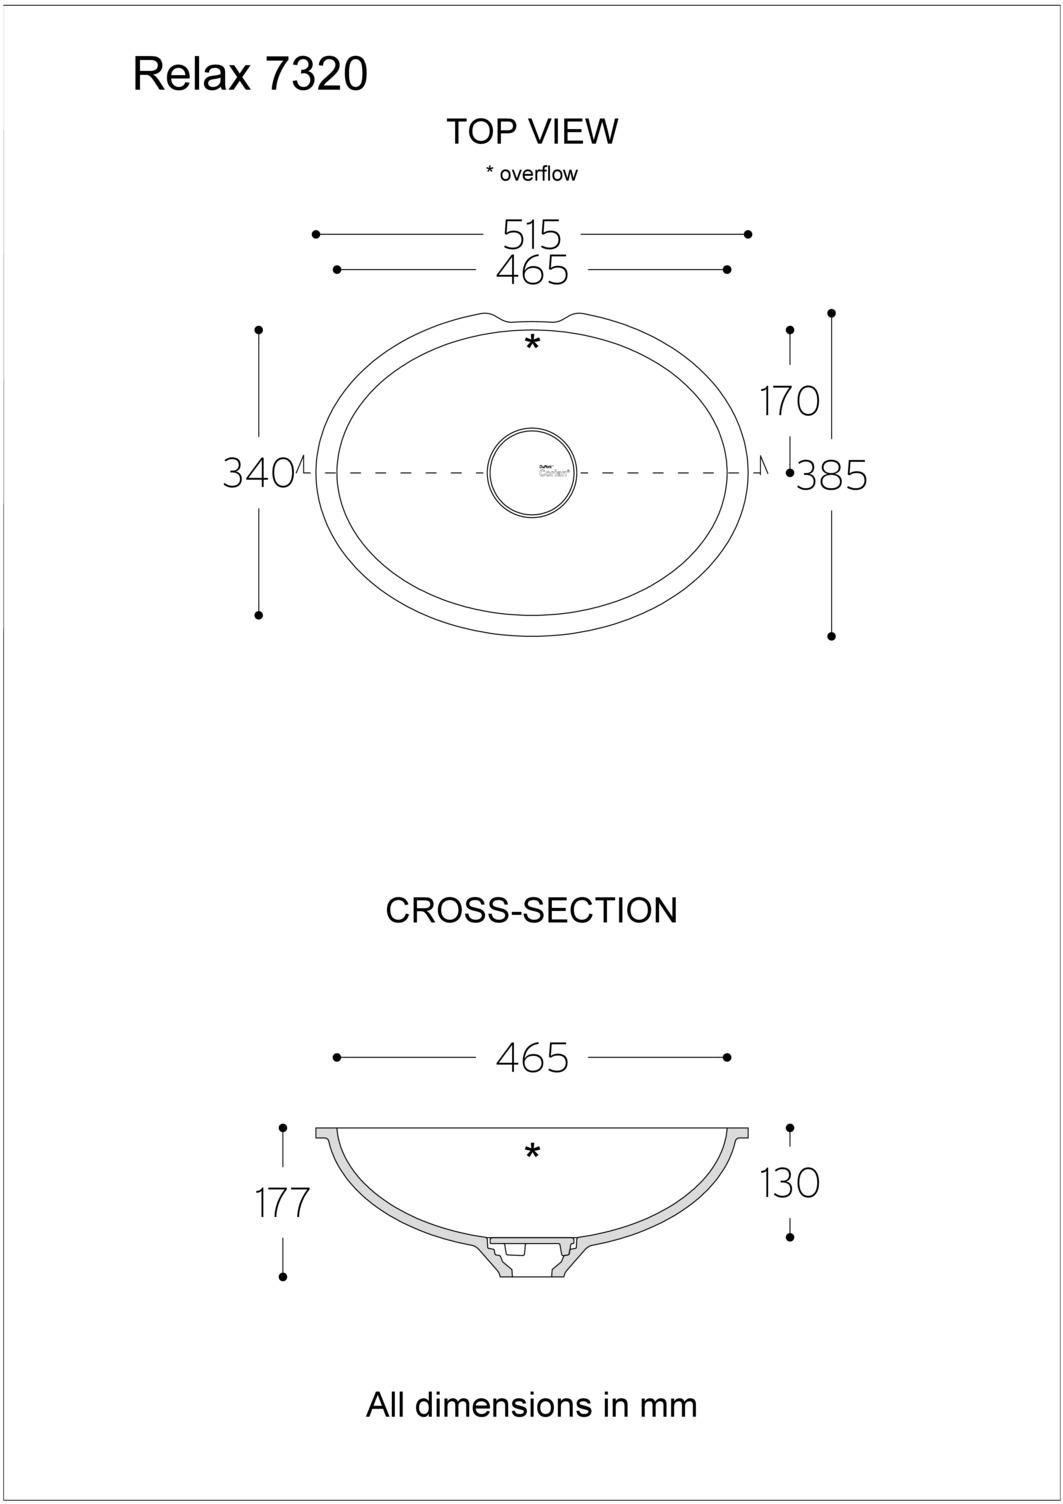 DUPONT_CORIAN_RELAX7320_2D_PDF[0]